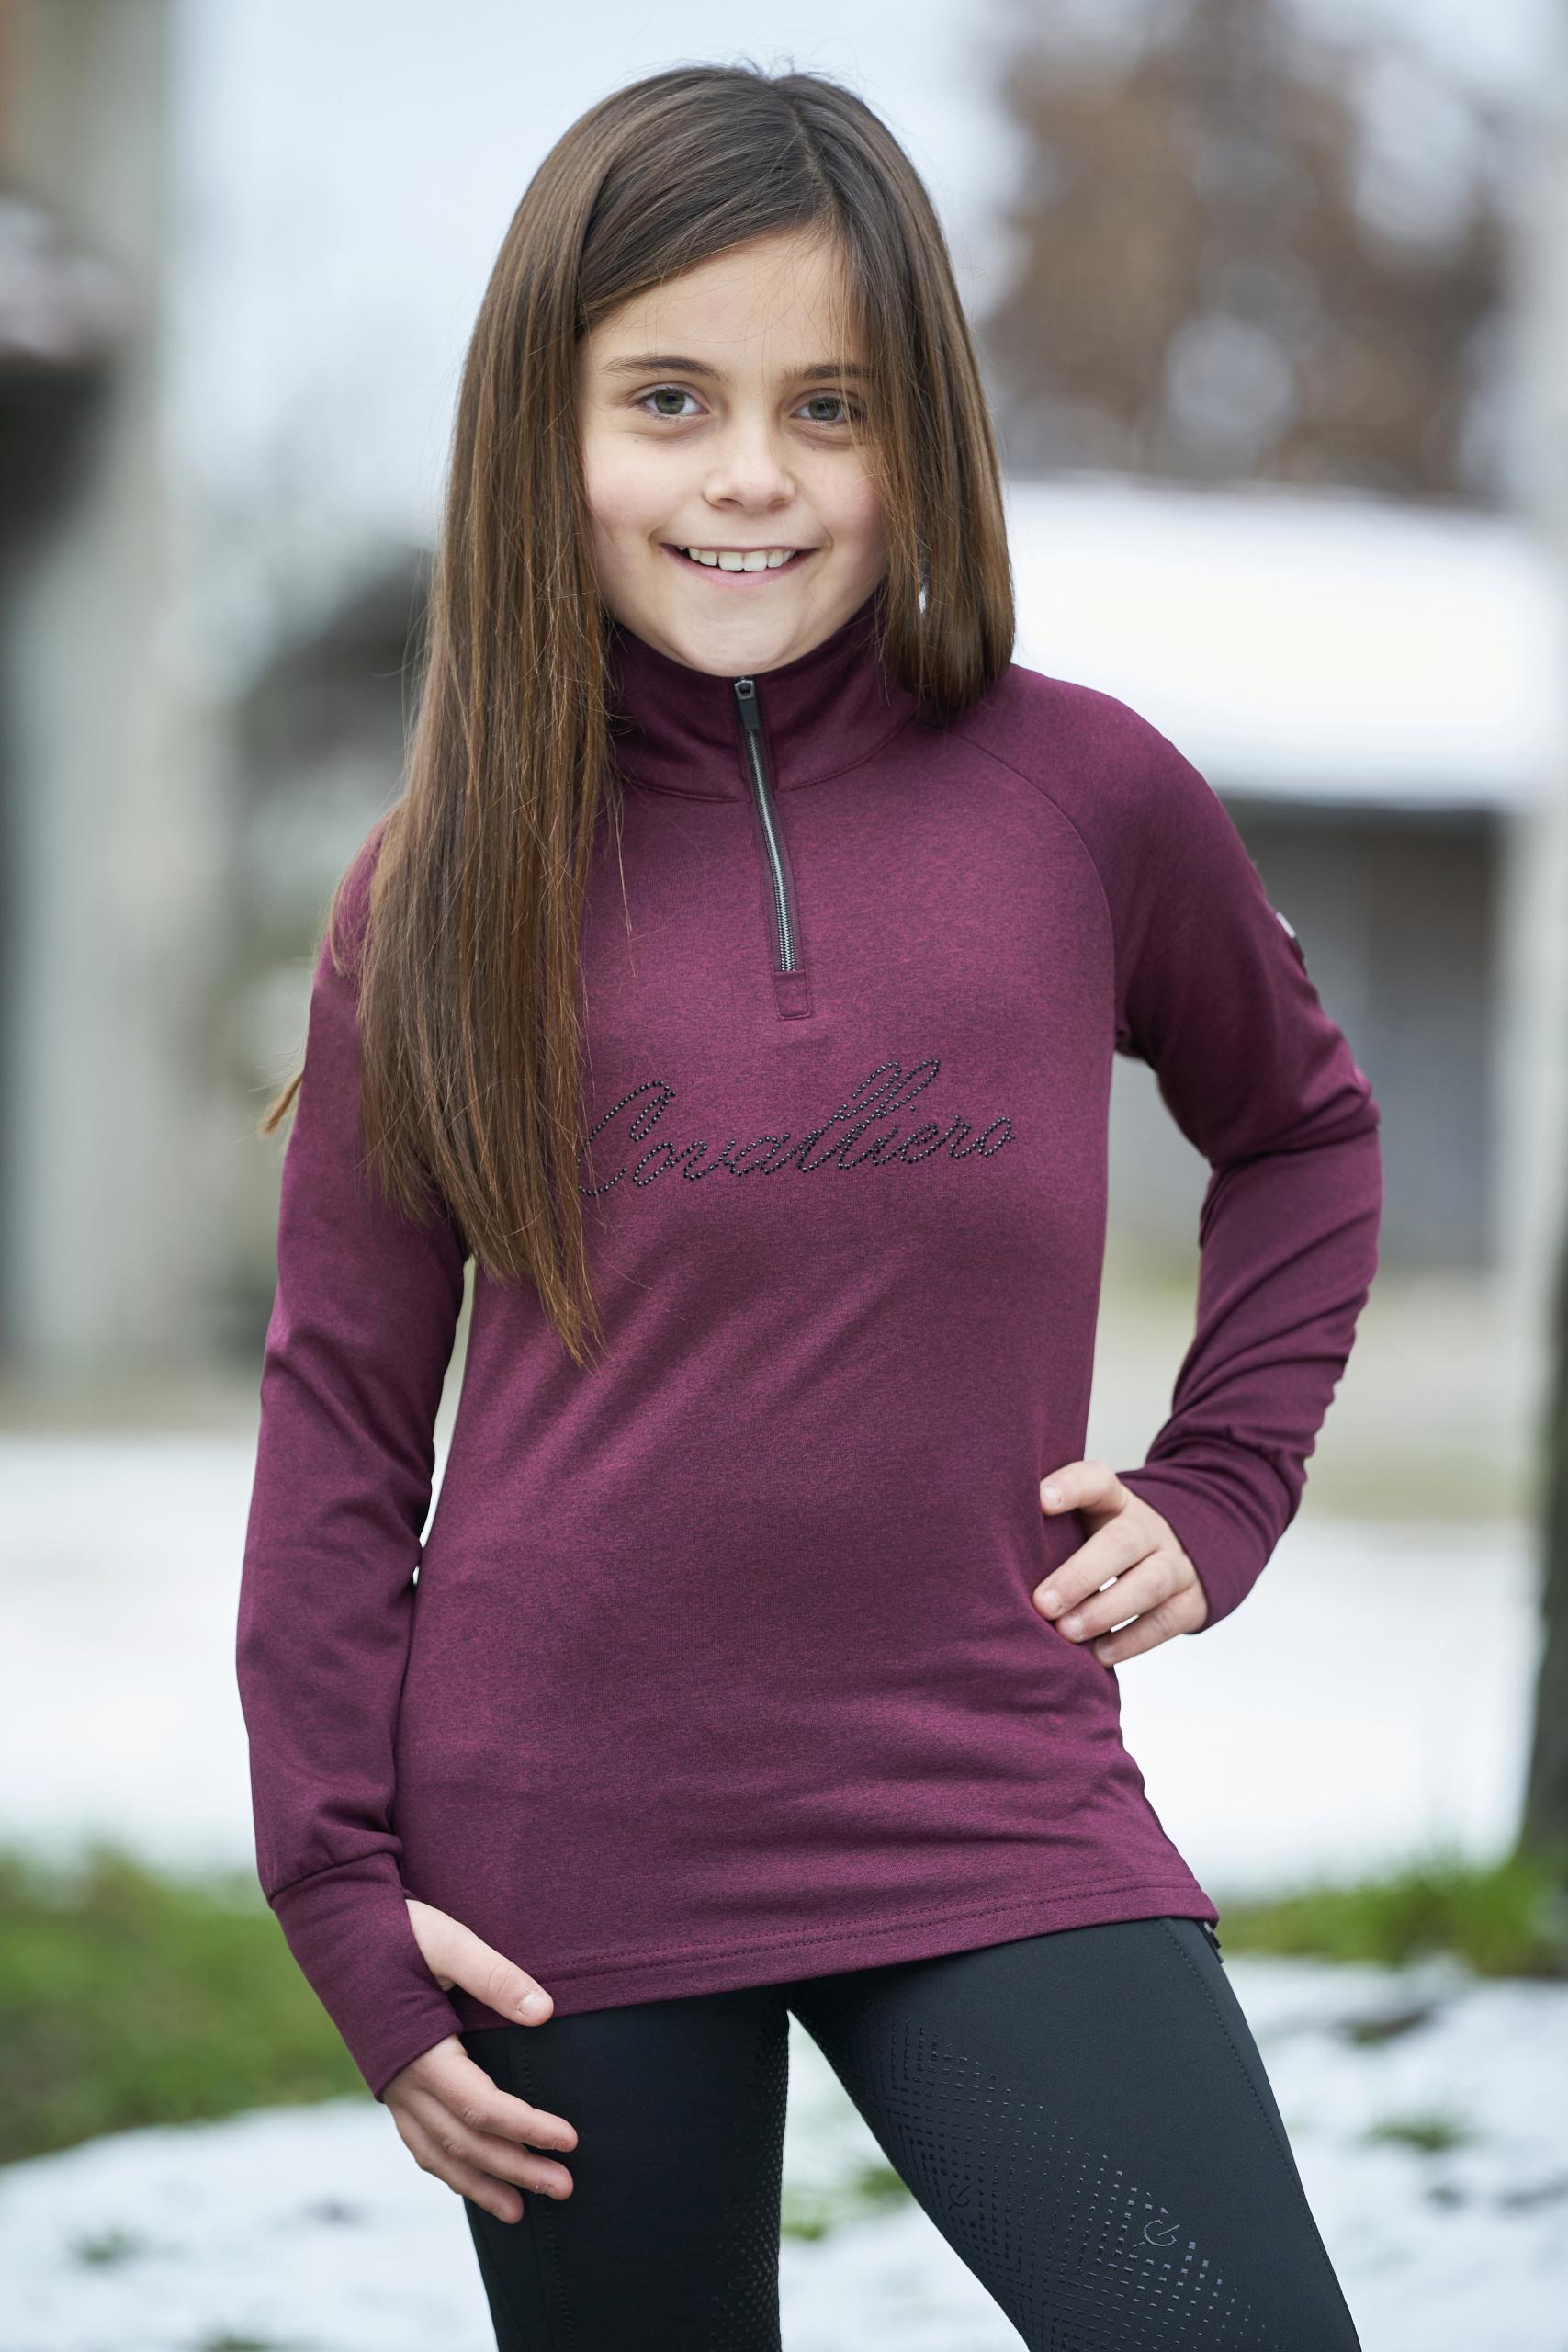 Kinder Activ Shirt flauschig weiche Innenseite Covalliero